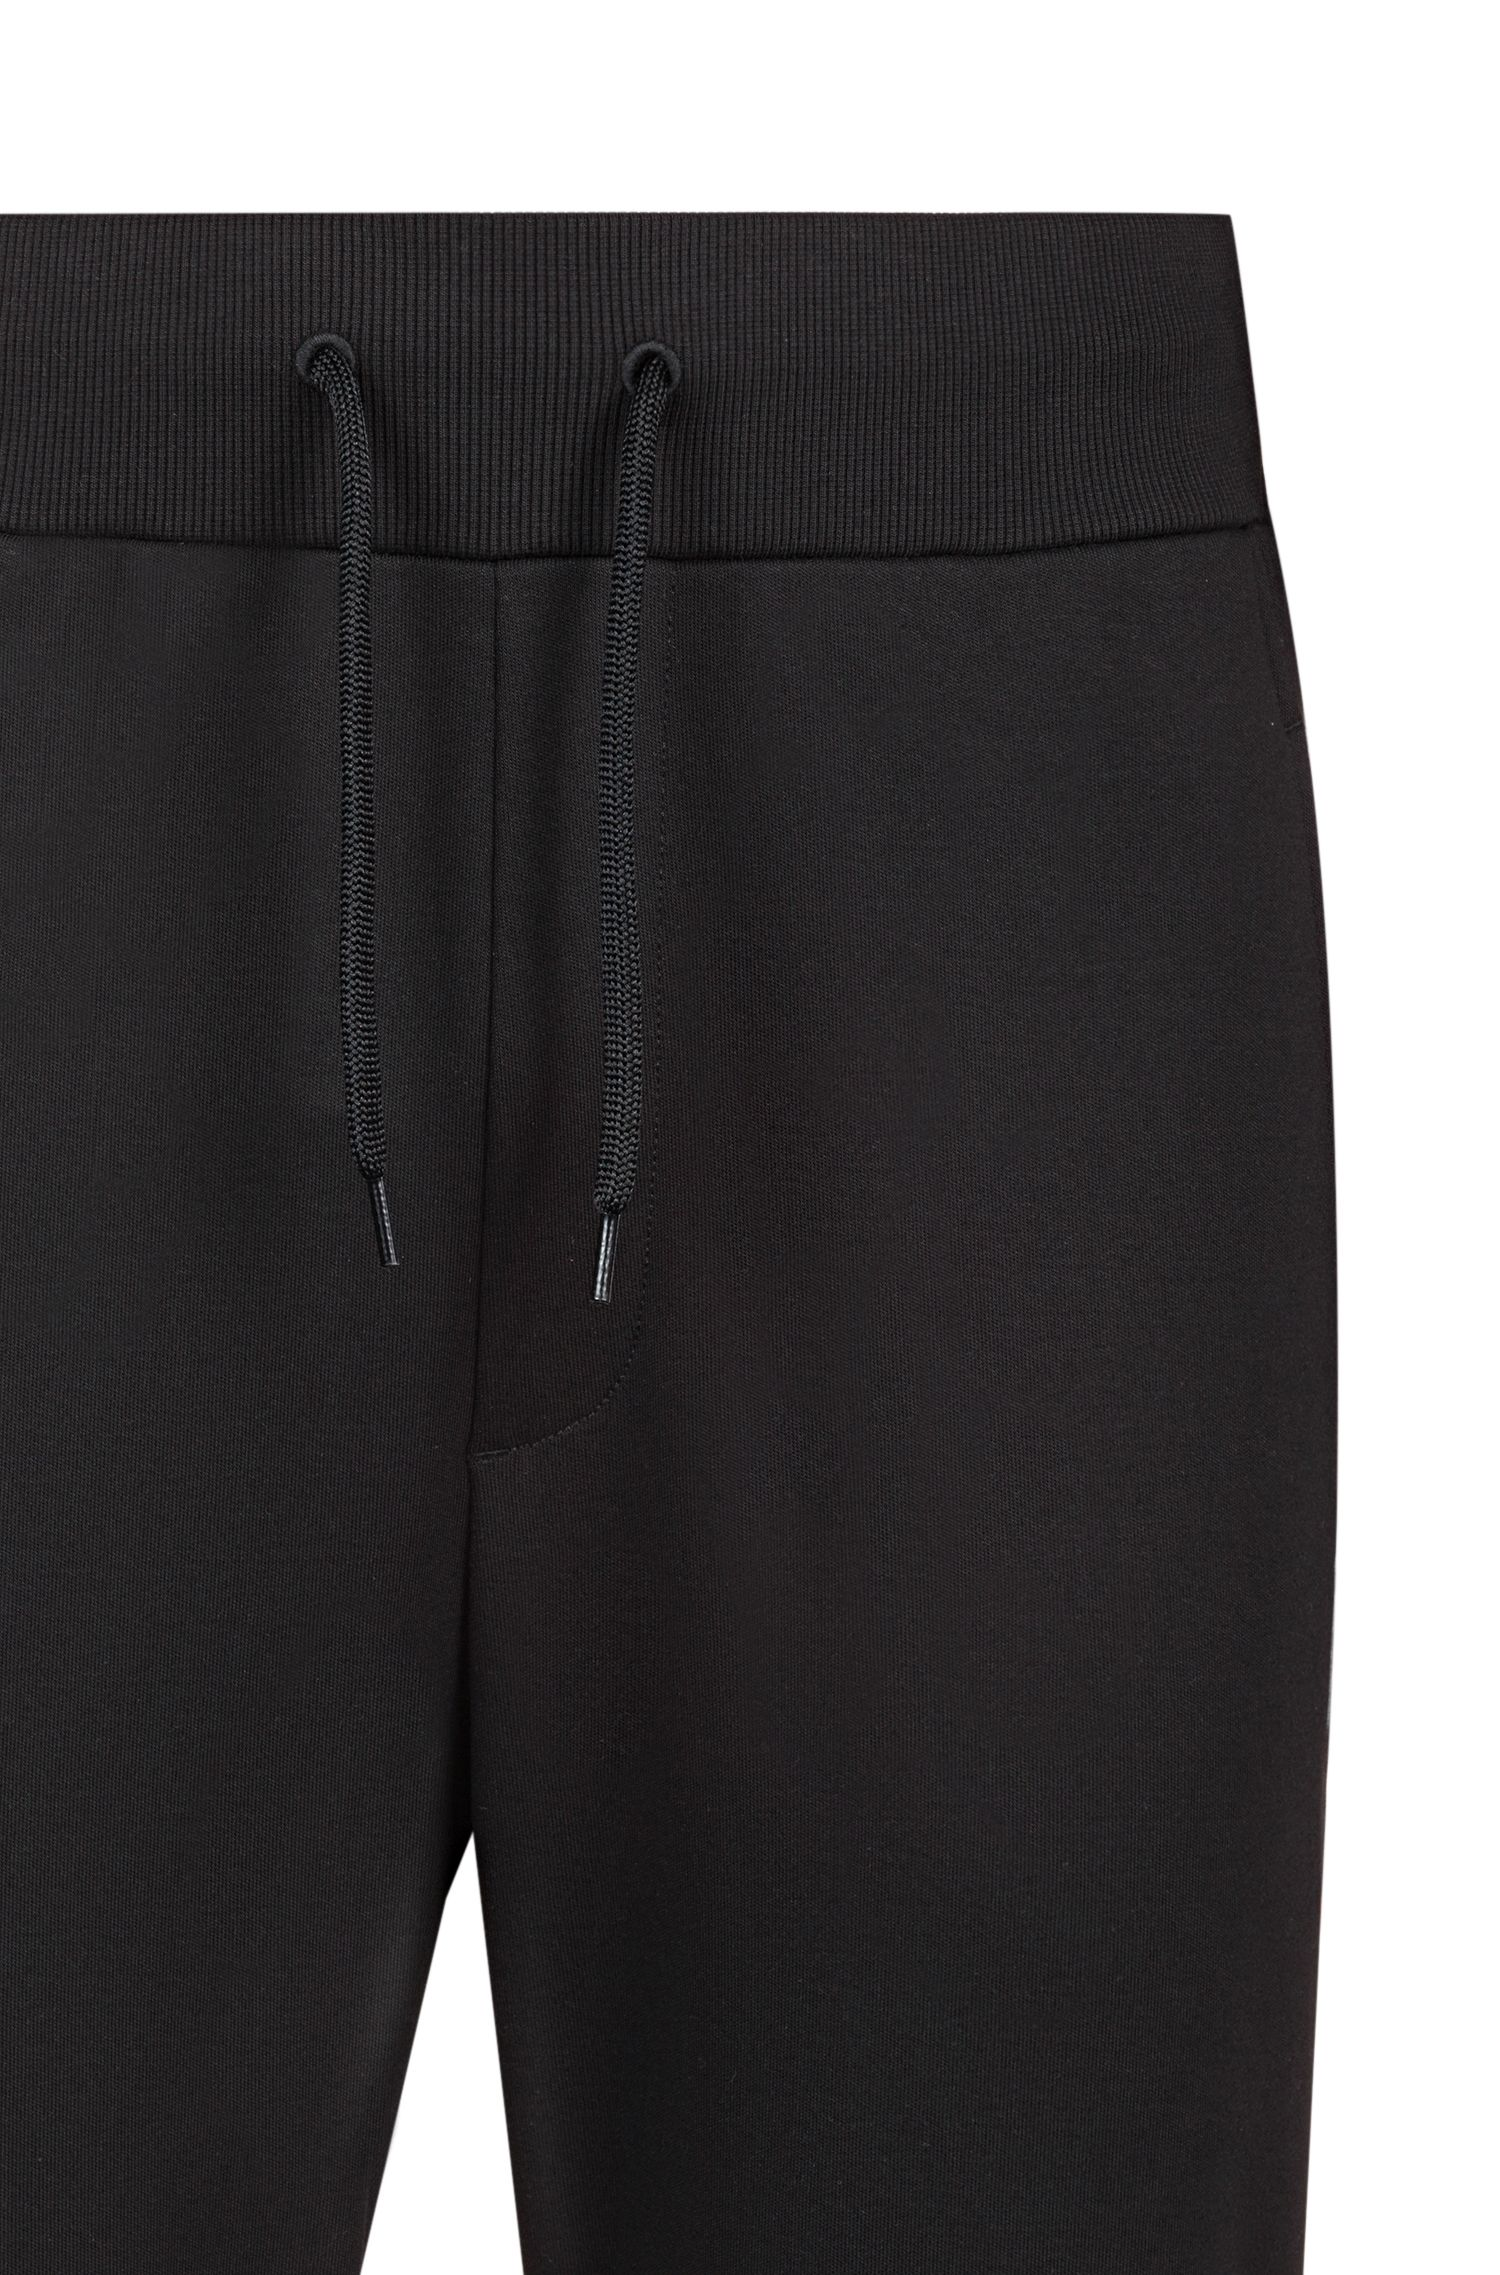 Pantalones de chándal con puños en algodón interlock con cinta de logos reinterpretados, Negro